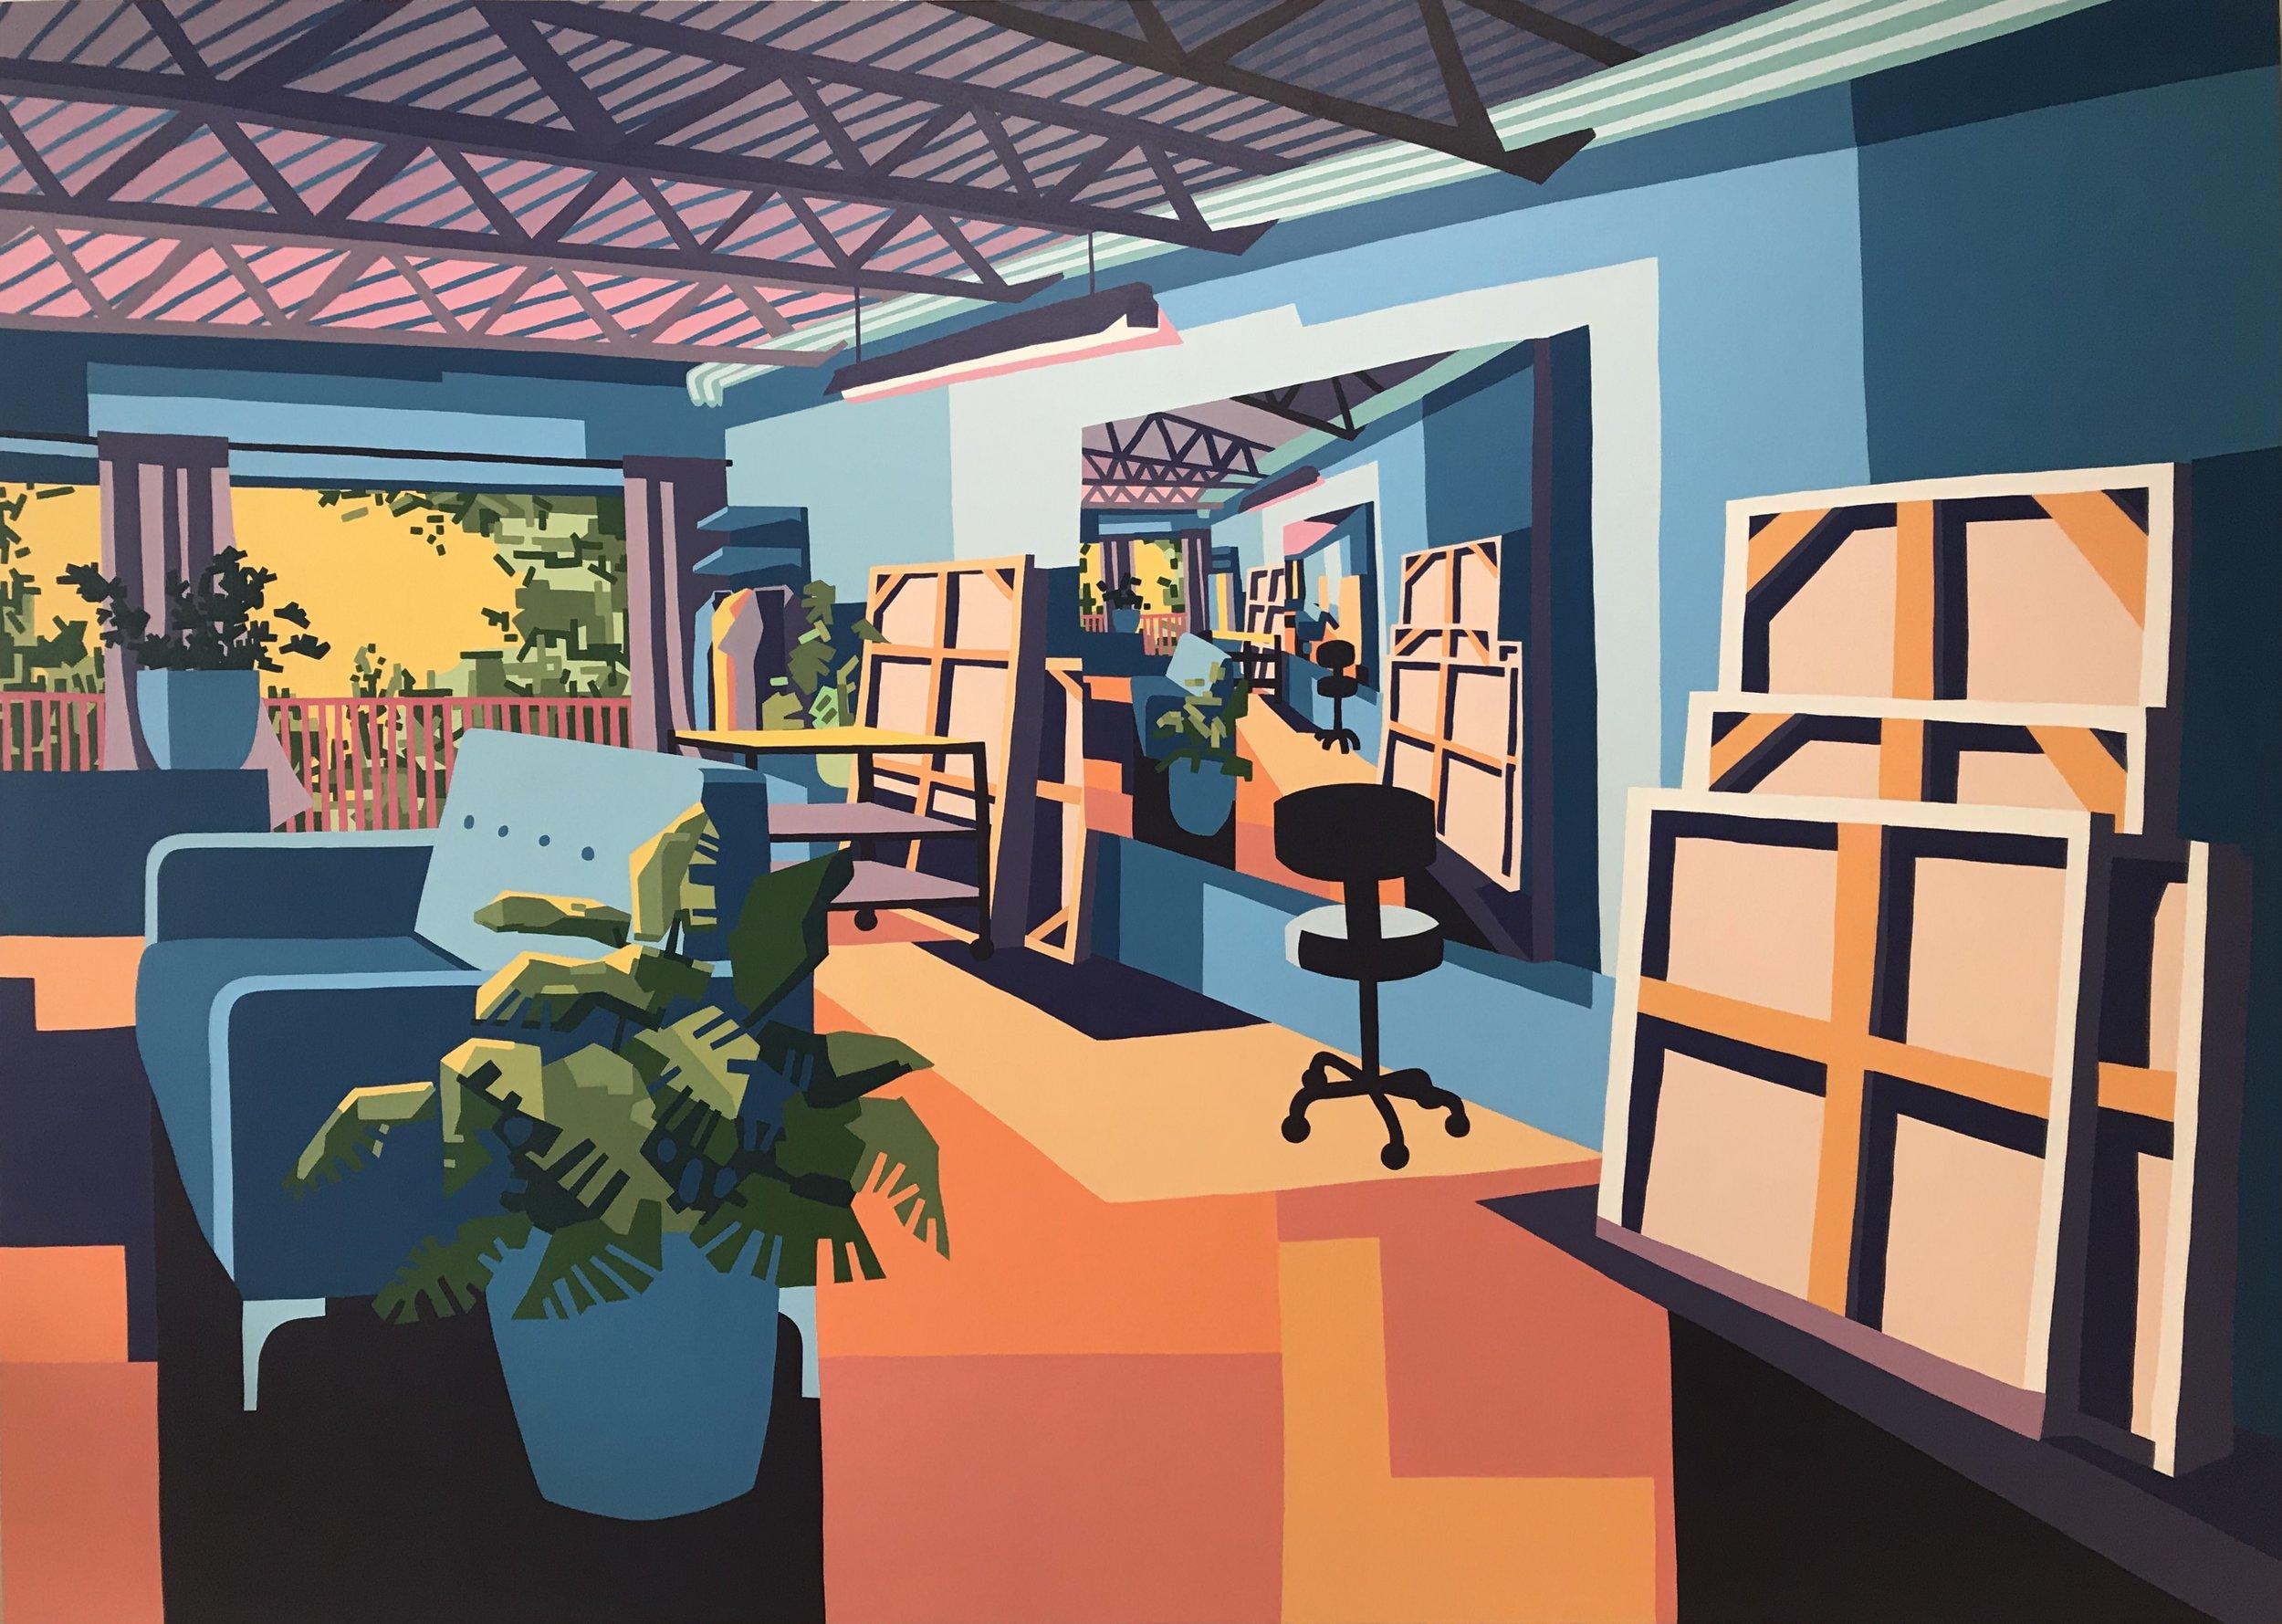 Studio , Sean jantzi.